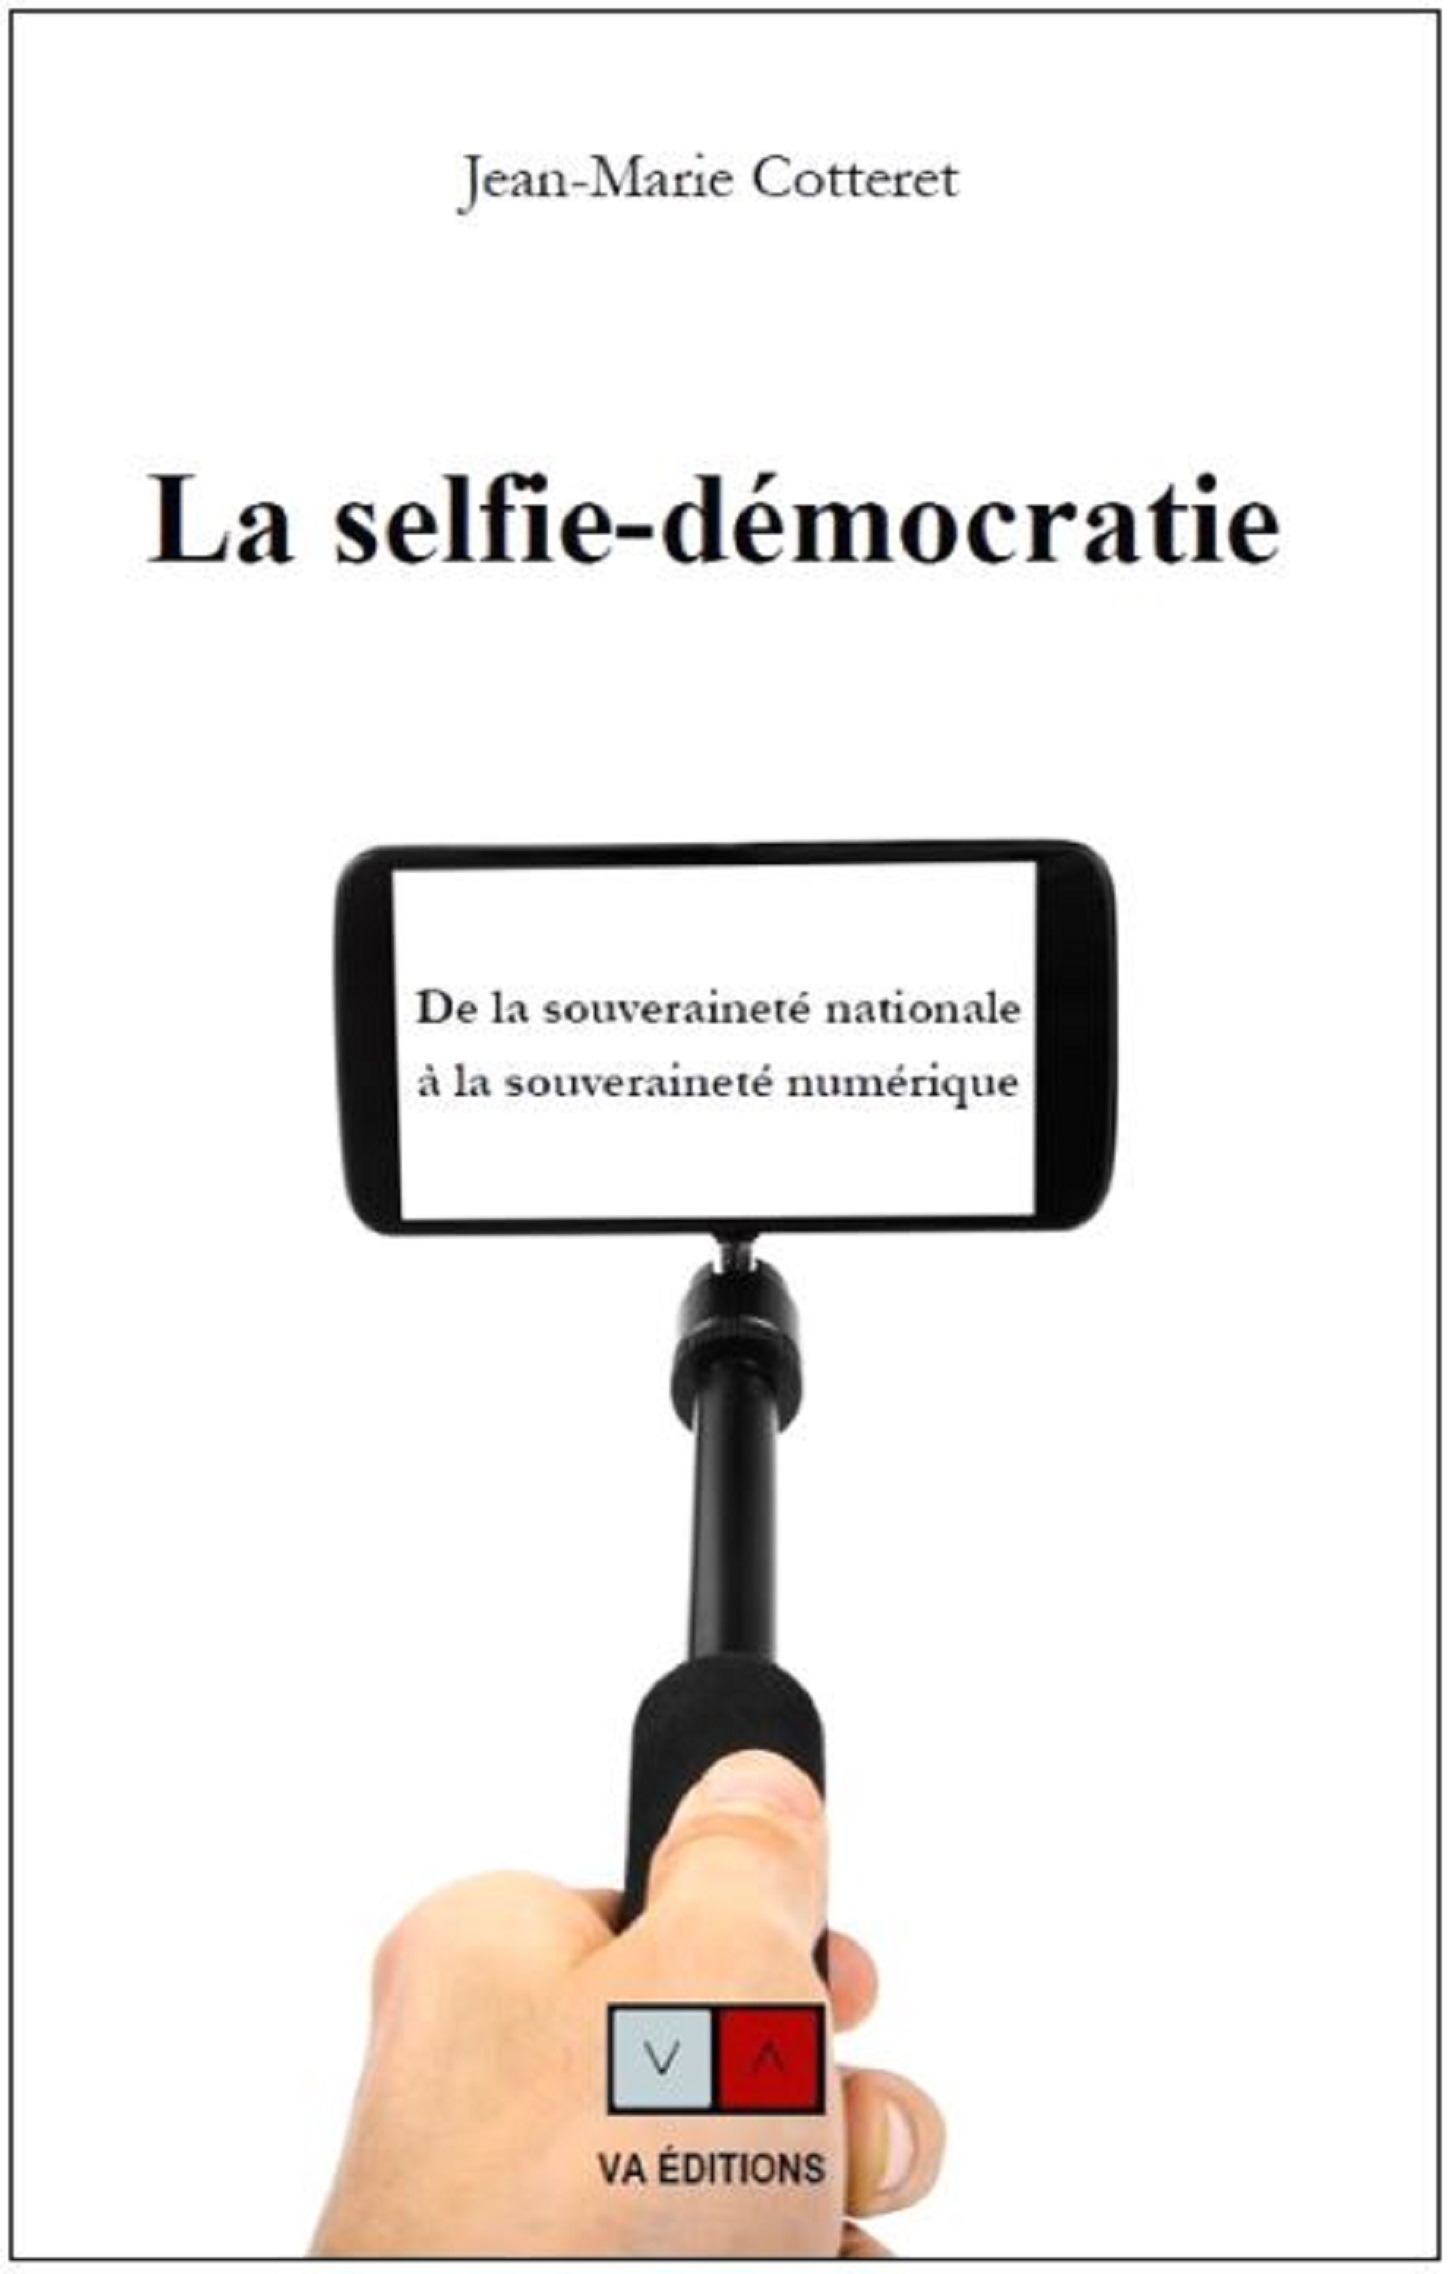 La selfie-démocratie ; de la souveraineté nationale à la souveraineté numérique